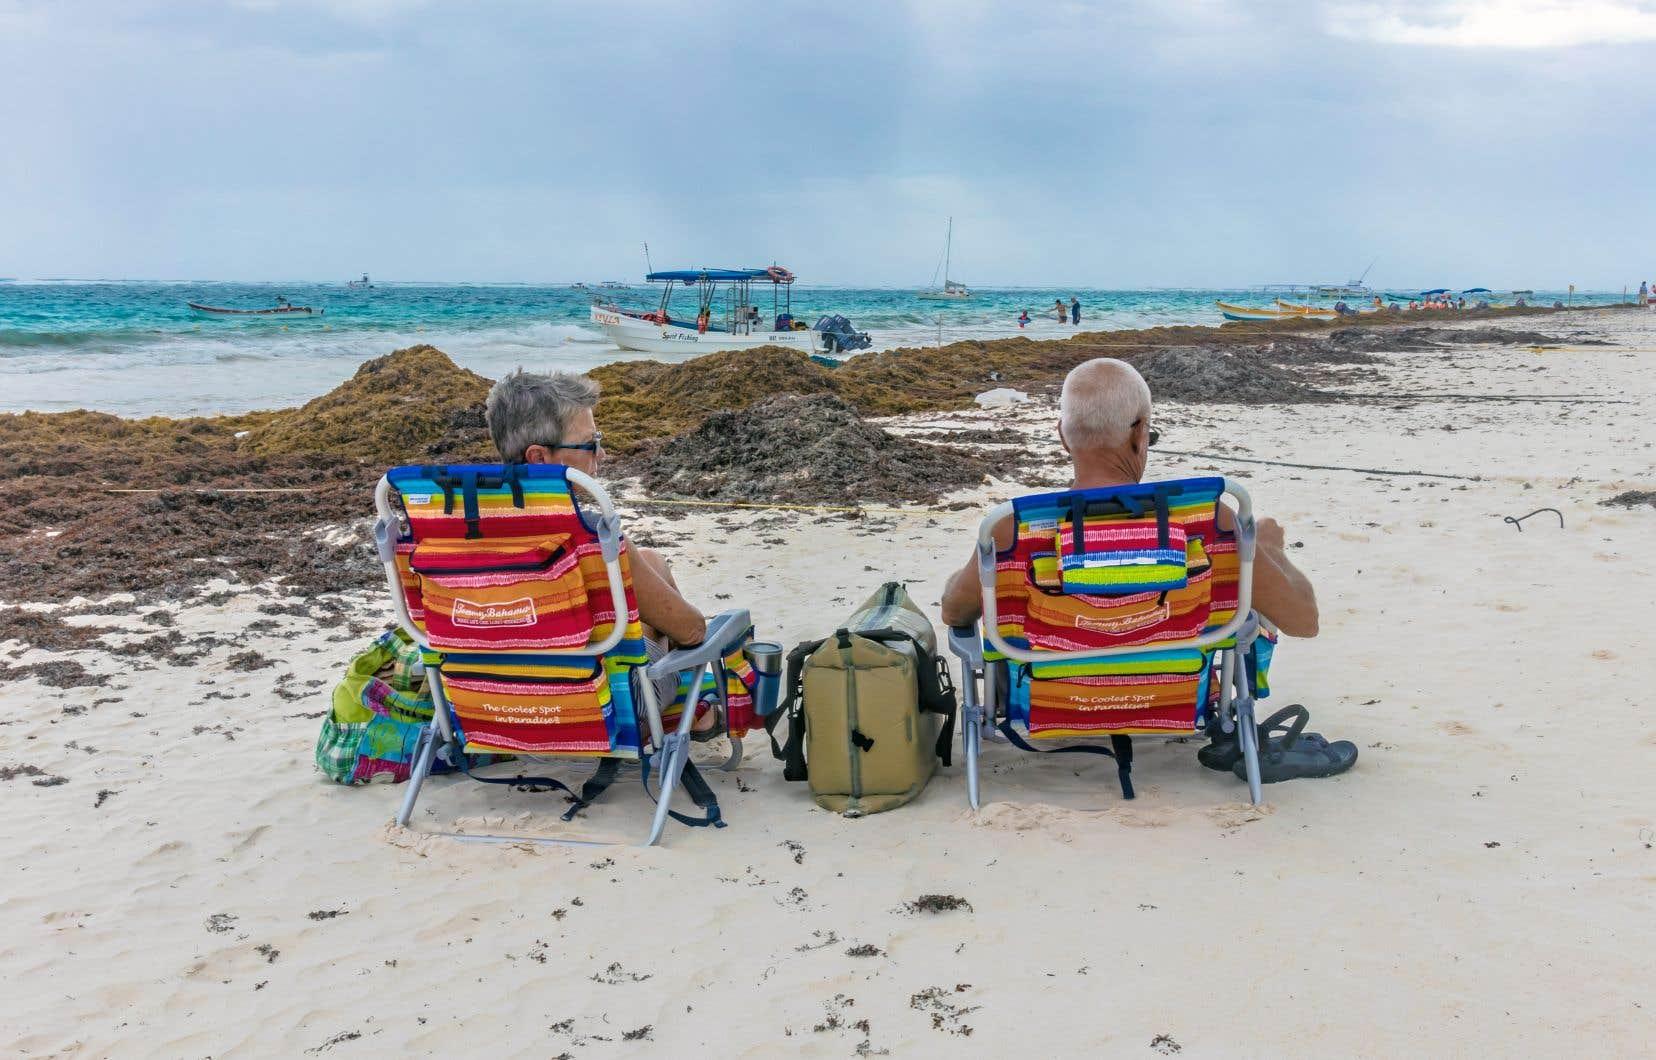 Une plage sur la Riviera Maya dans la région de Tulum, au Mexique